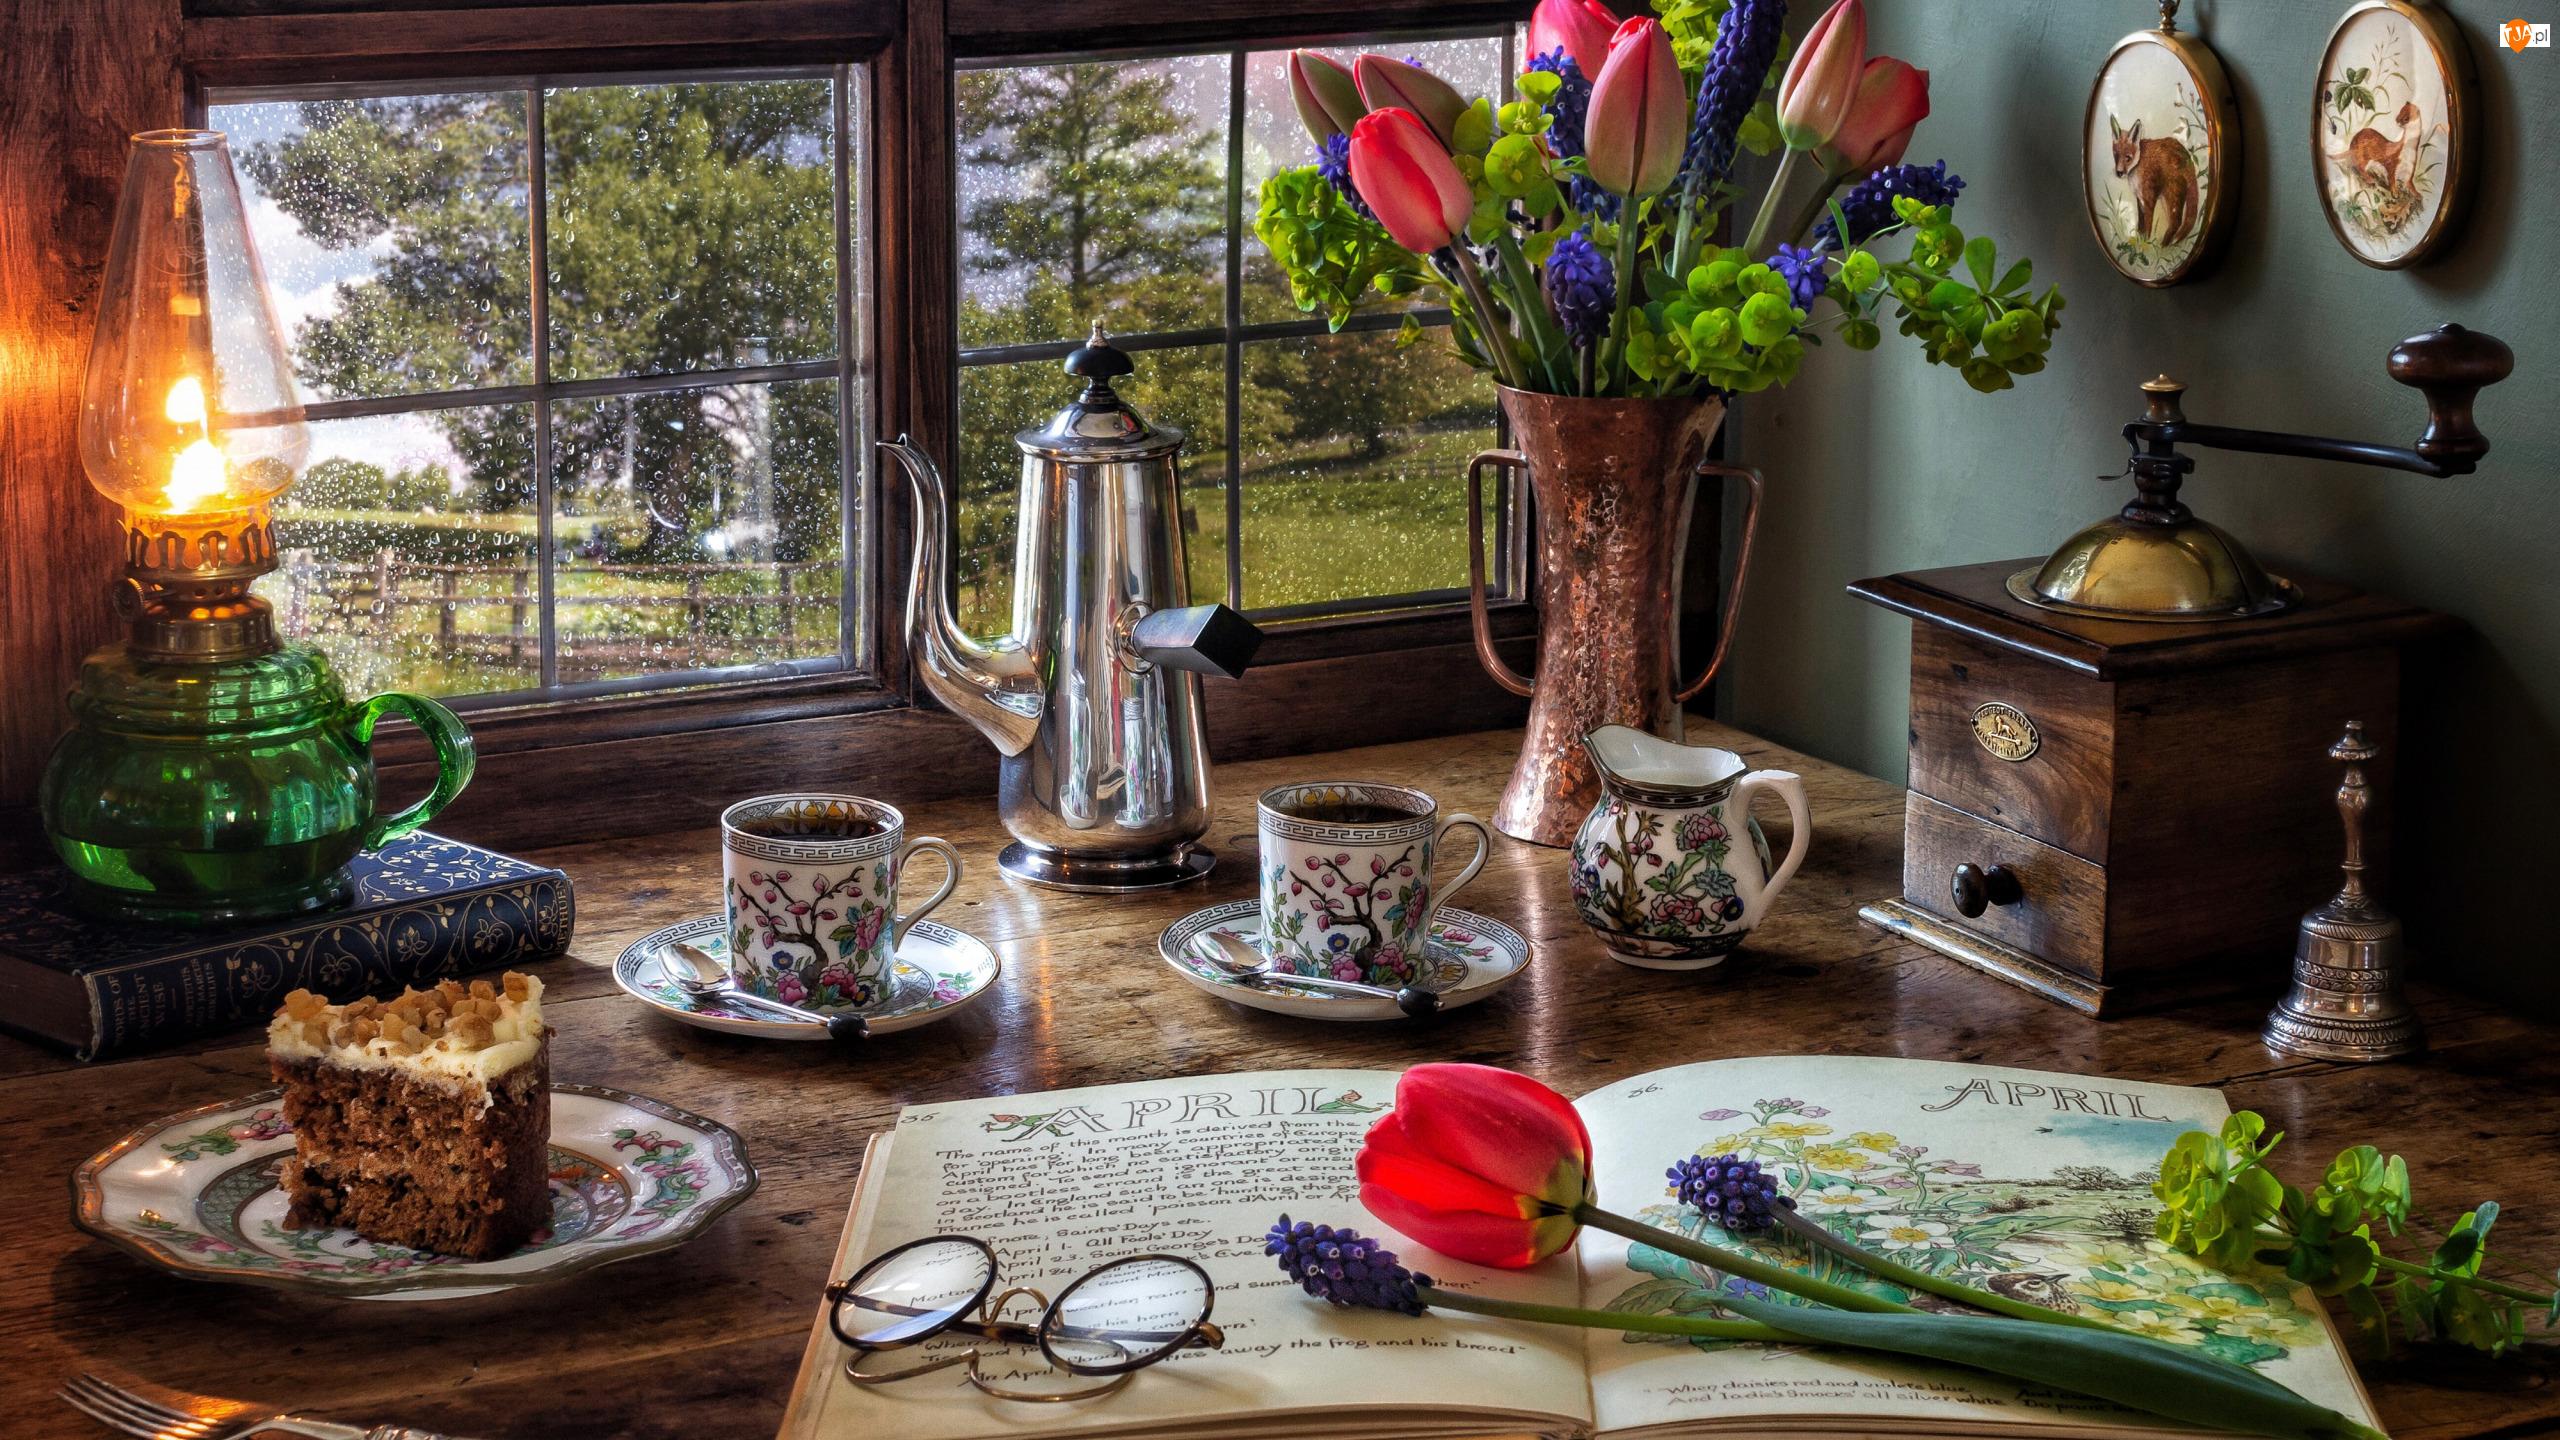 Książka, Tulipany, Kawa, Okulary, Lampa naftowa, Ciasto, Okno, Młynek